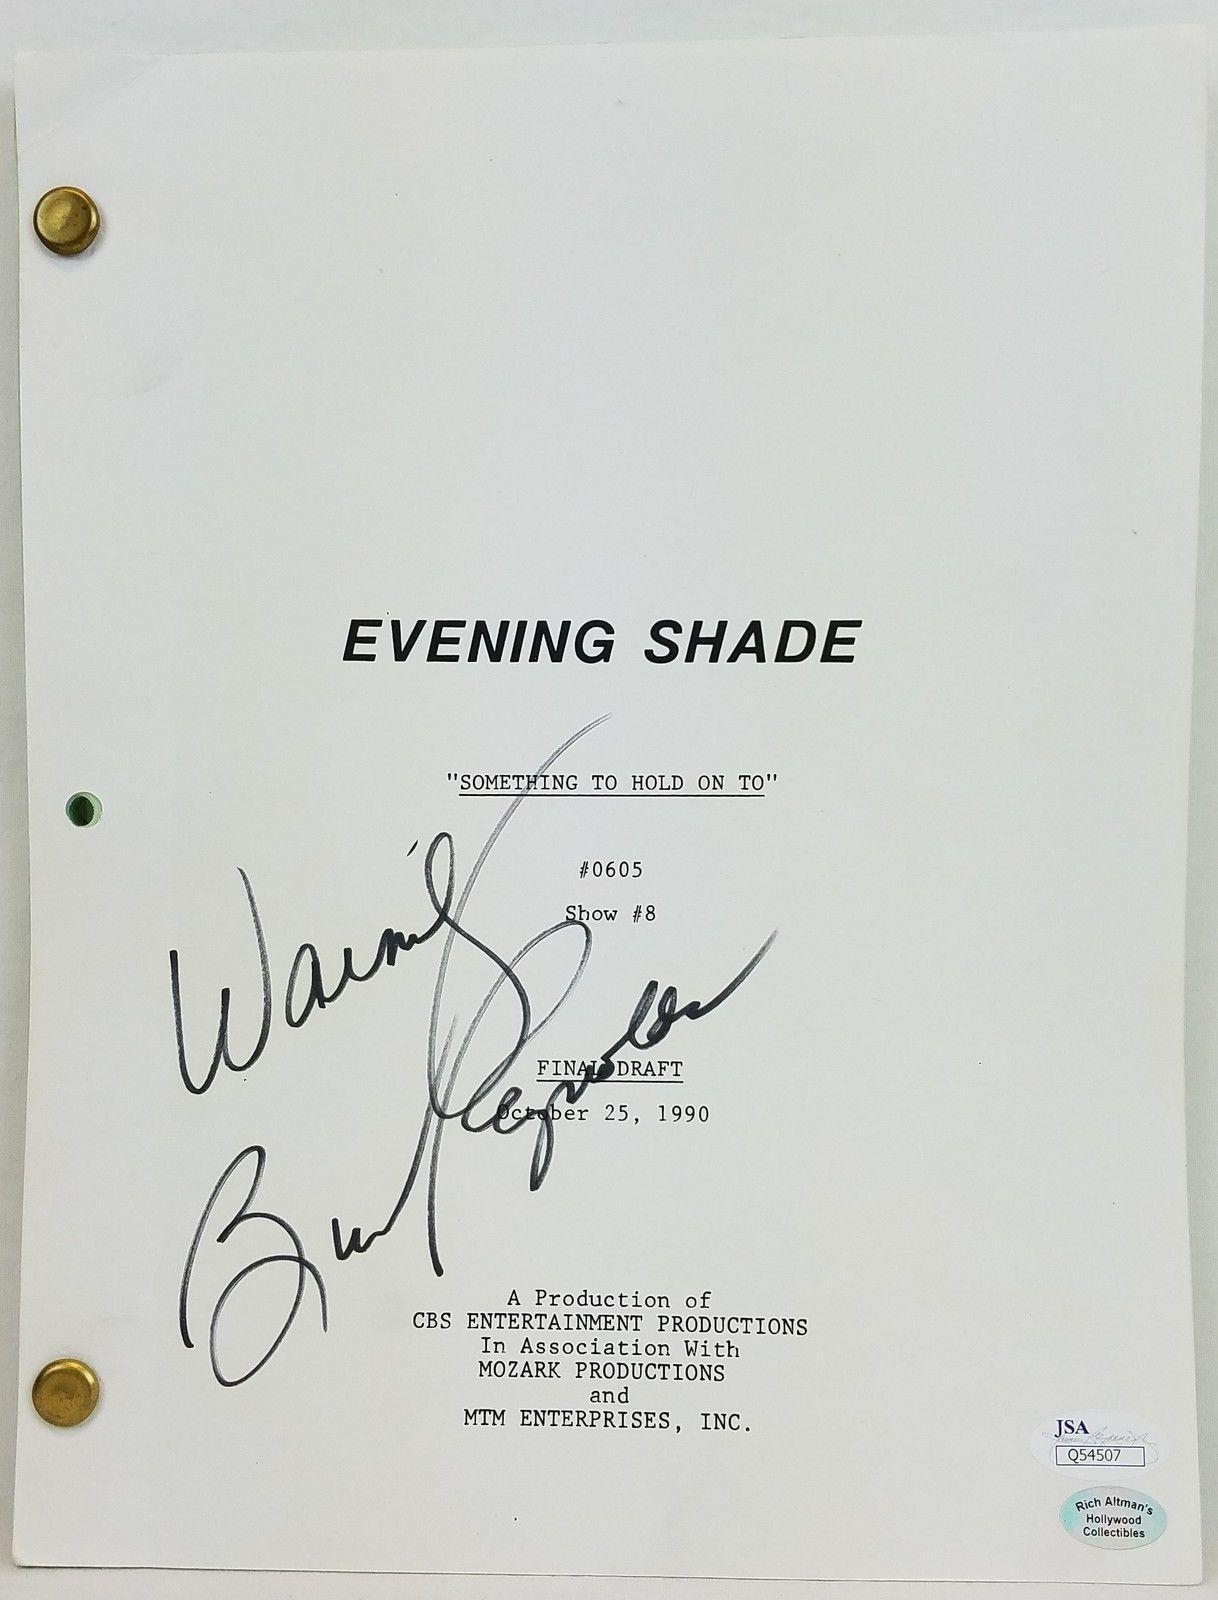 Burt Reynolds Signed 'Evening Shade' Episode Script Autographed JSA #Q54507